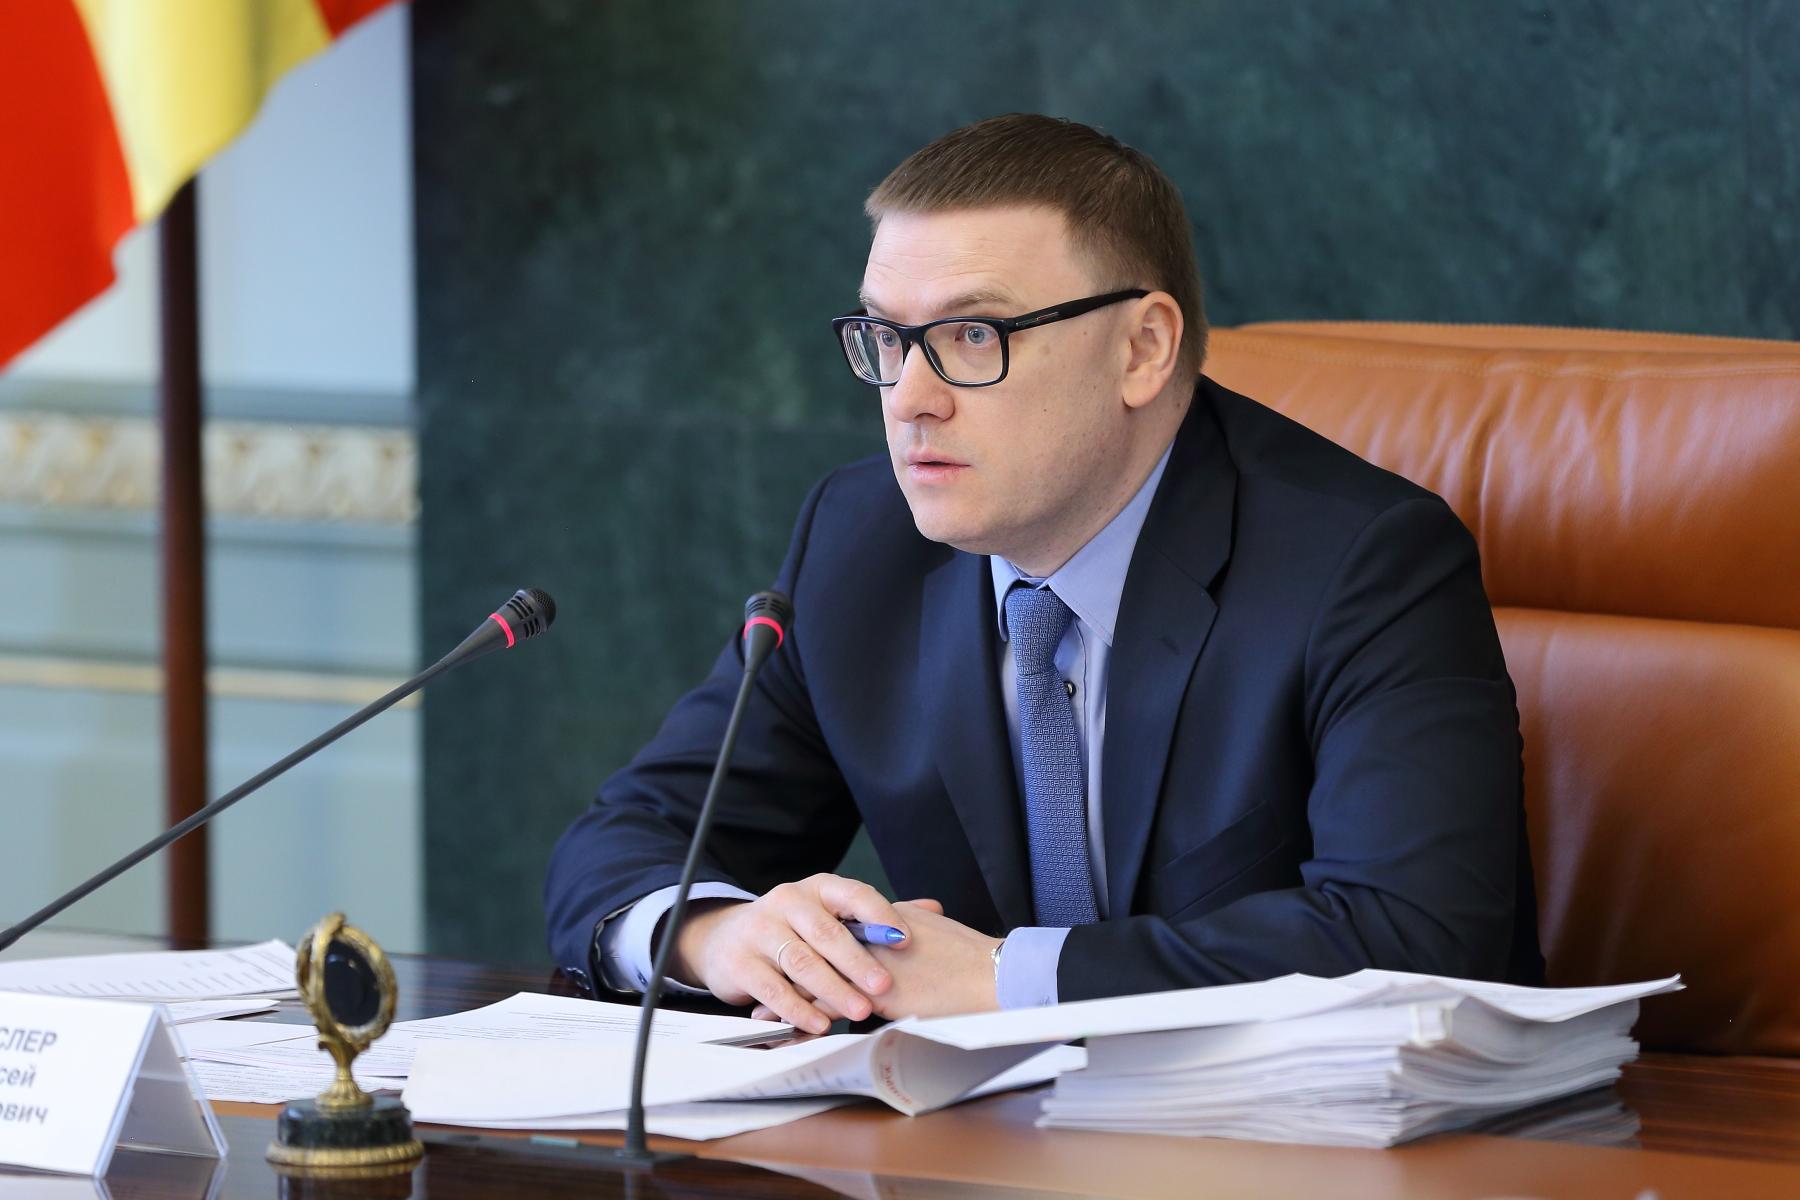 Врио губернатора Челябинской области Алексей Текслер сделал последнее предупреждение главам муниц